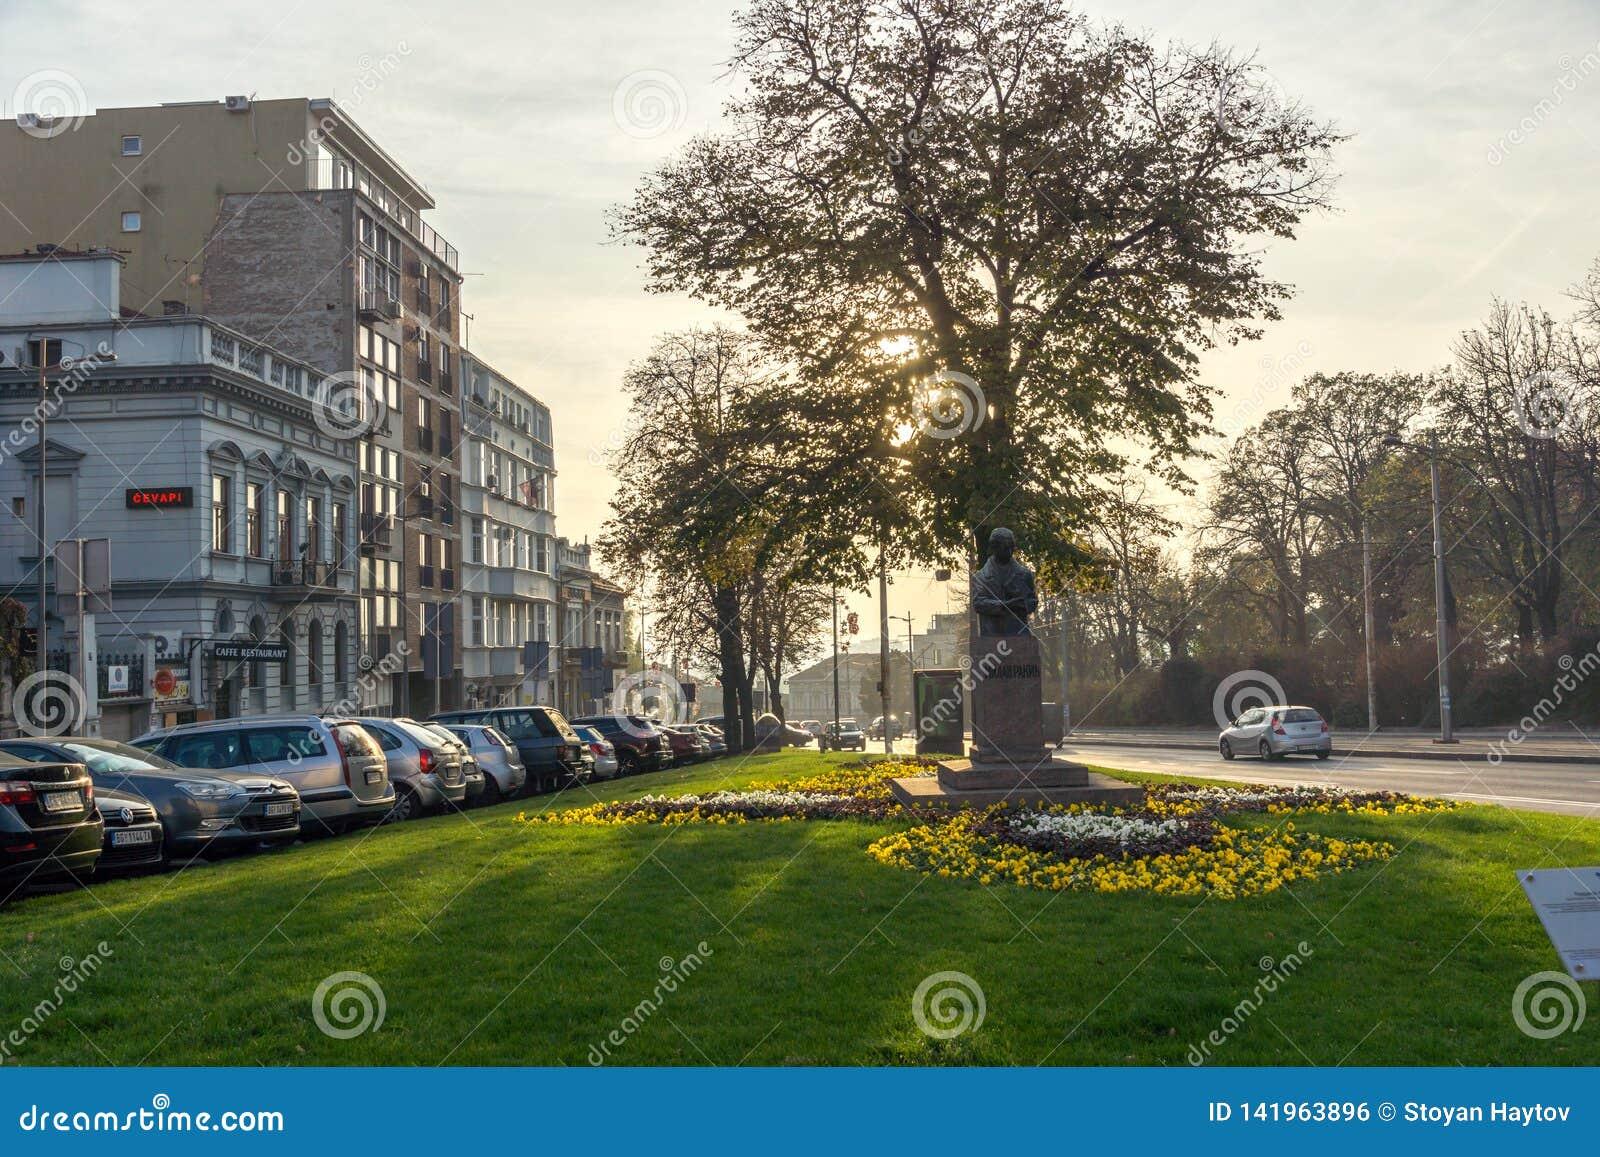 ΒΕΛΙΓΡΑΔΙ, ΣΕΡΒΙΑ - 10 ΝΟΕΜΒΡΊΟΥ 2018: Χαρακτηριστικές κτήριο και οδός στο κέντρο της πόλης Βελιγραδι ου, Σερβία